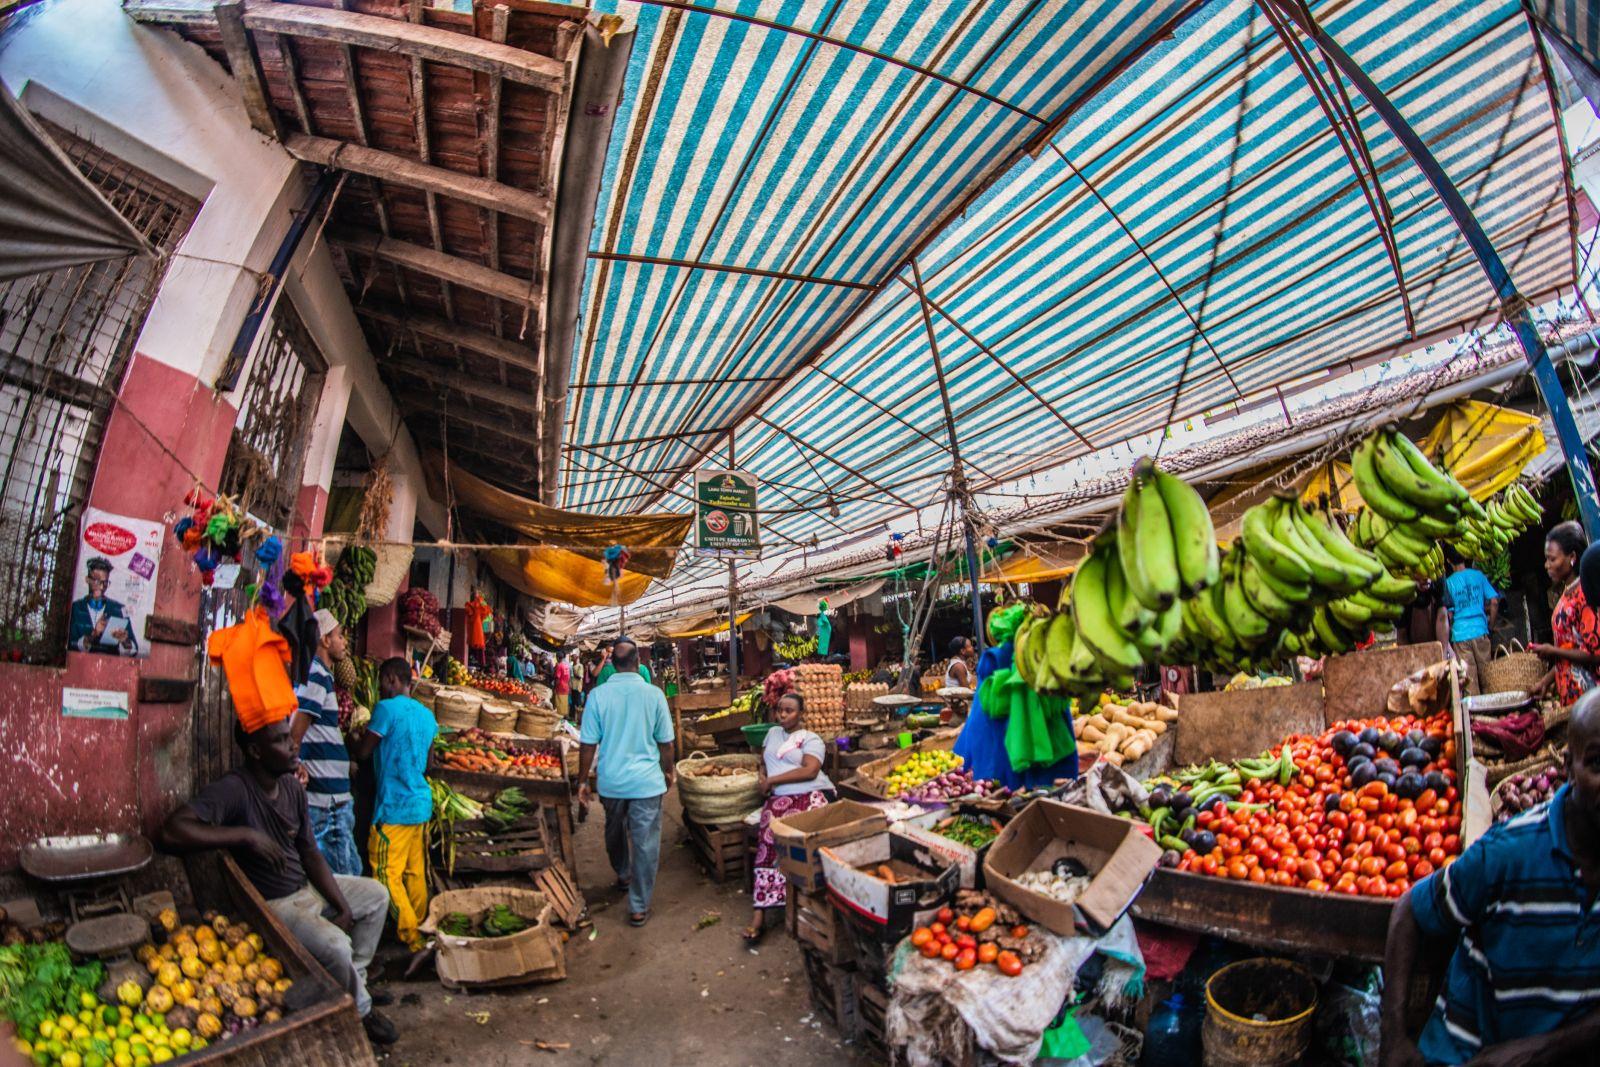 Ein Markt in Kenia an dem buntes Treiben herrscht